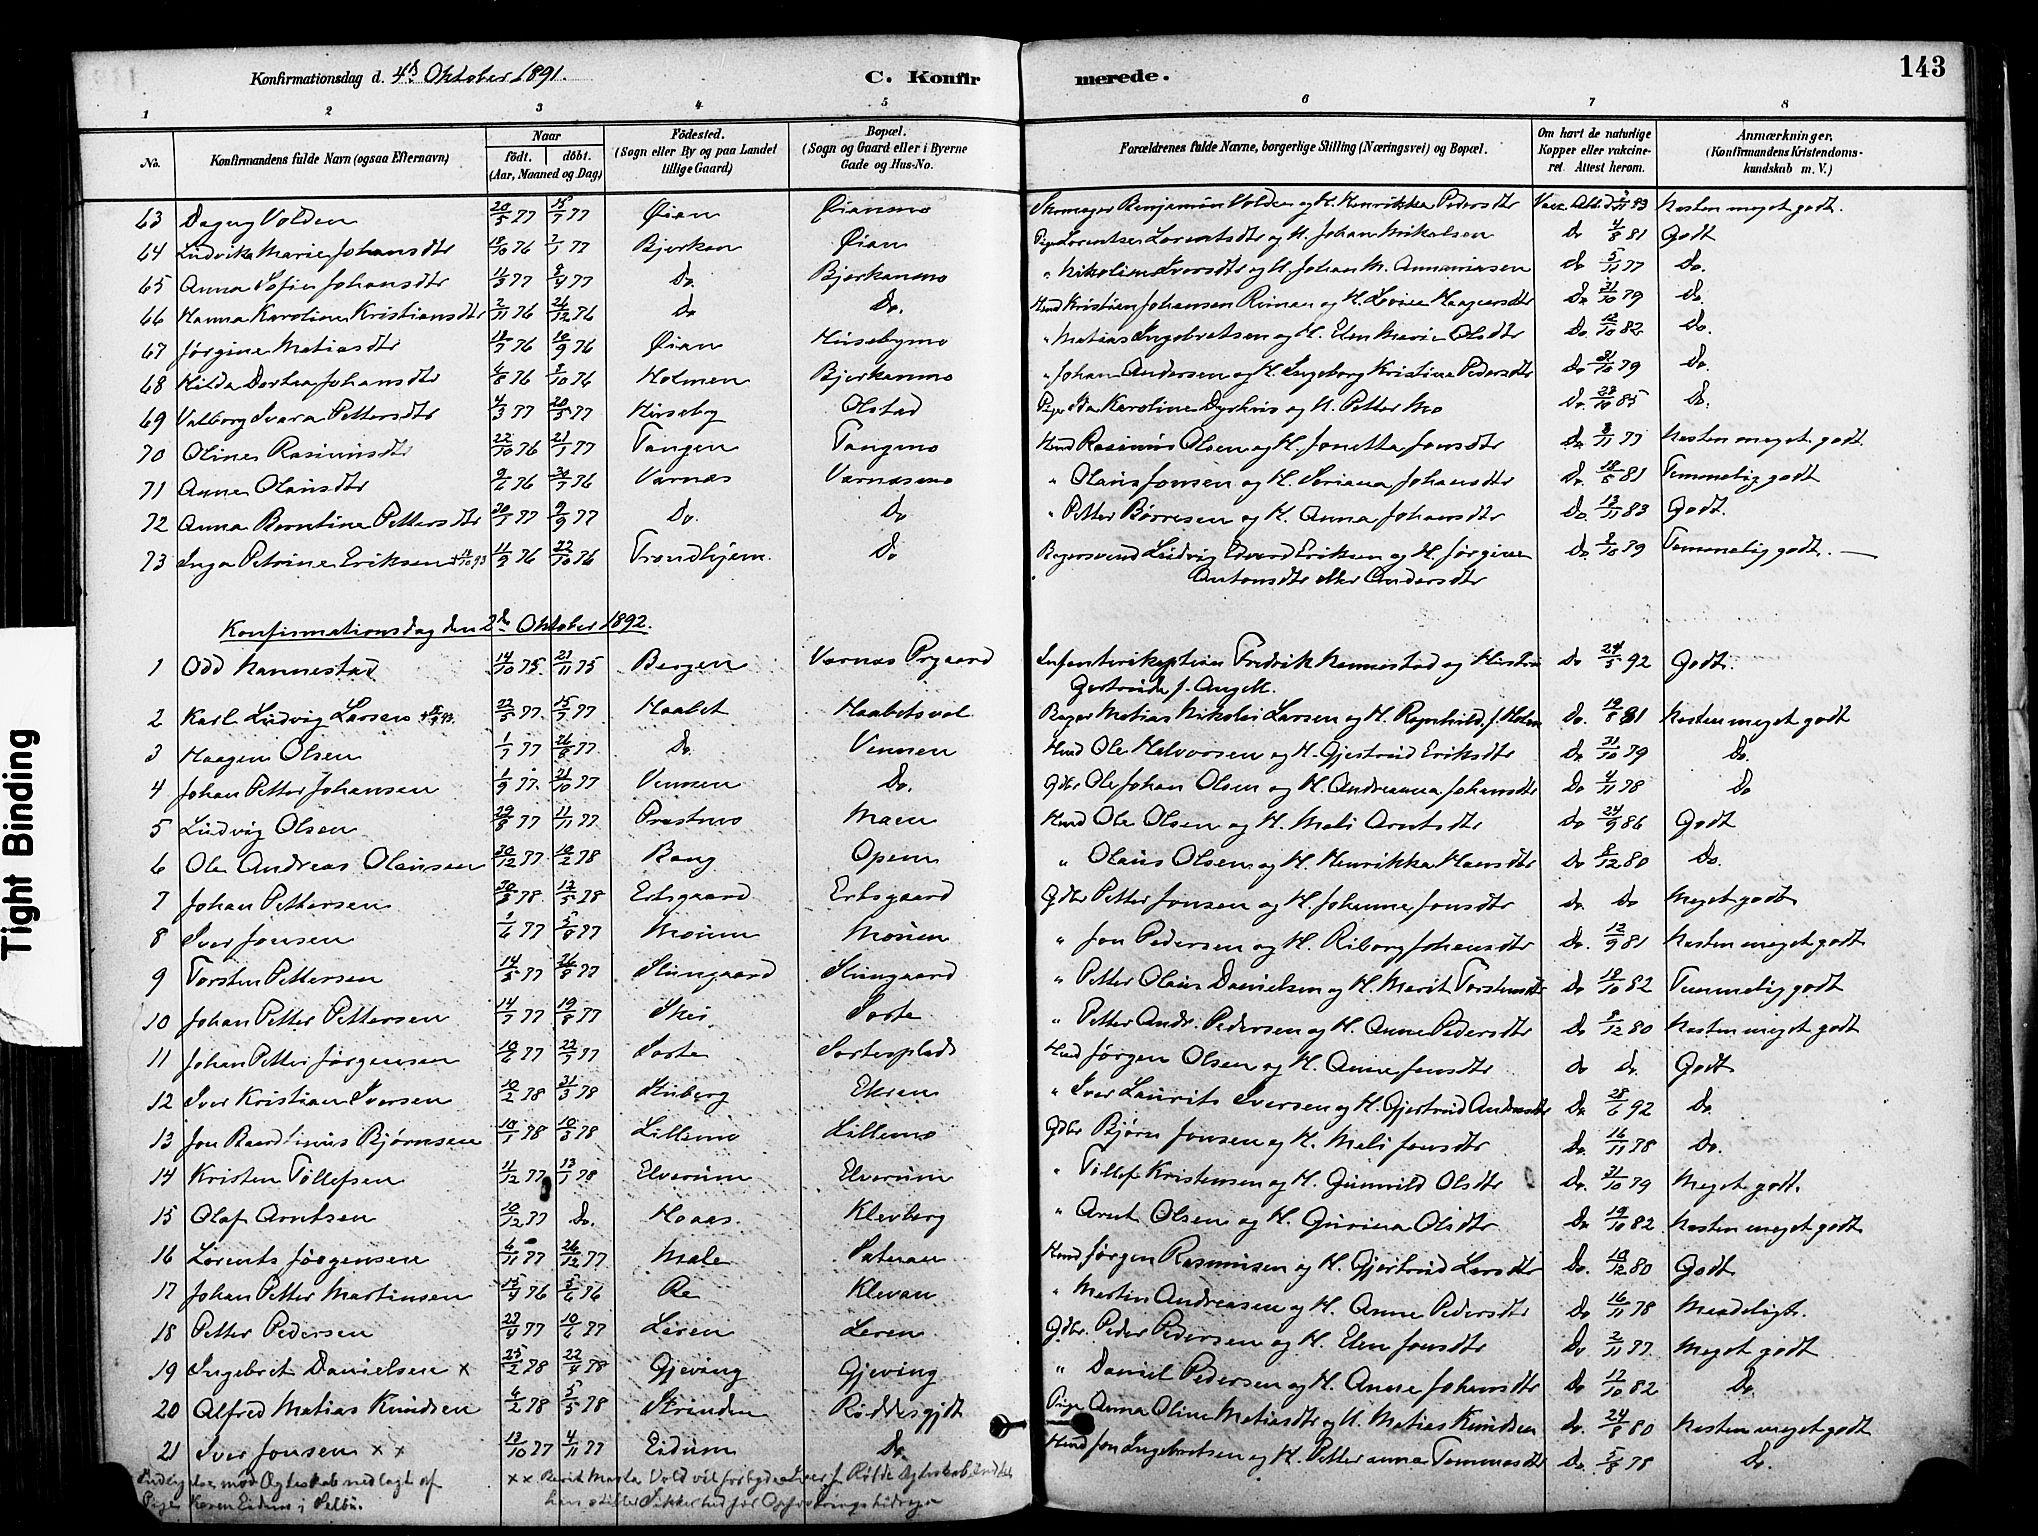 SAT, Ministerialprotokoller, klokkerbøker og fødselsregistre - Nord-Trøndelag, 709/L0077: Ministerialbok nr. 709A17, 1880-1895, s. 143